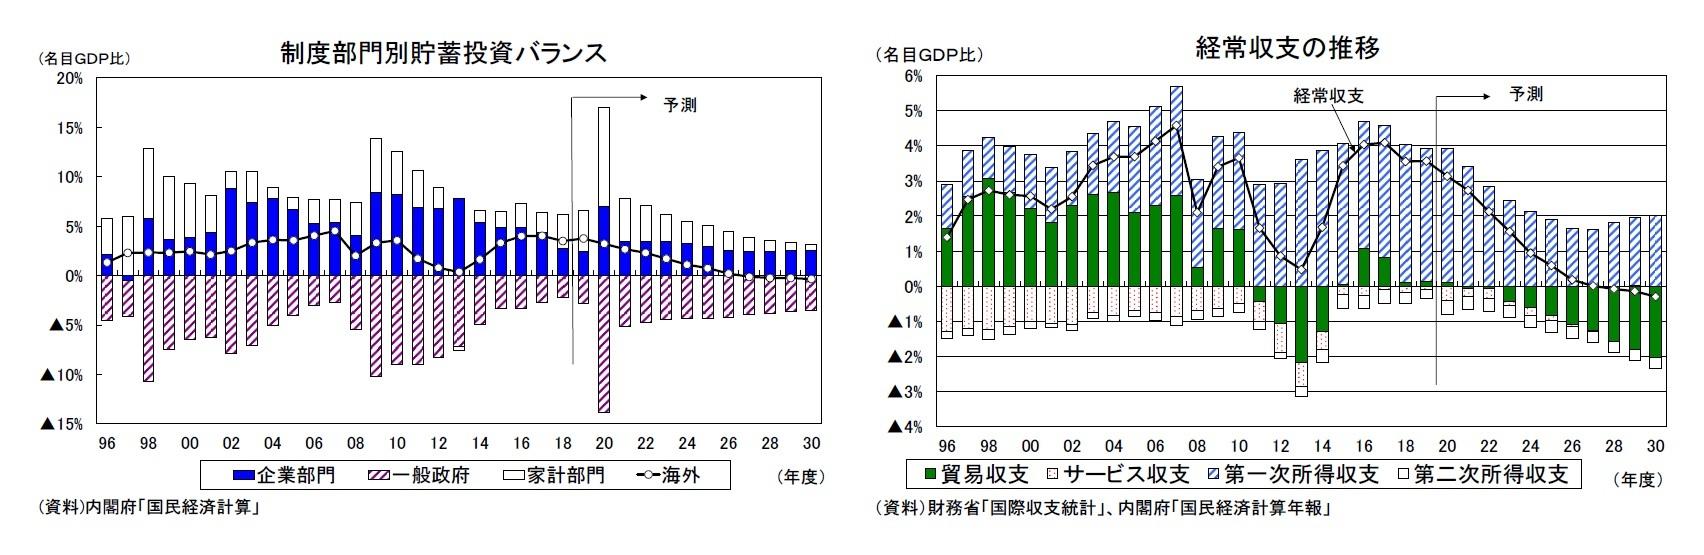 制度部門別貯蓄投資バランス/経常収支の推移